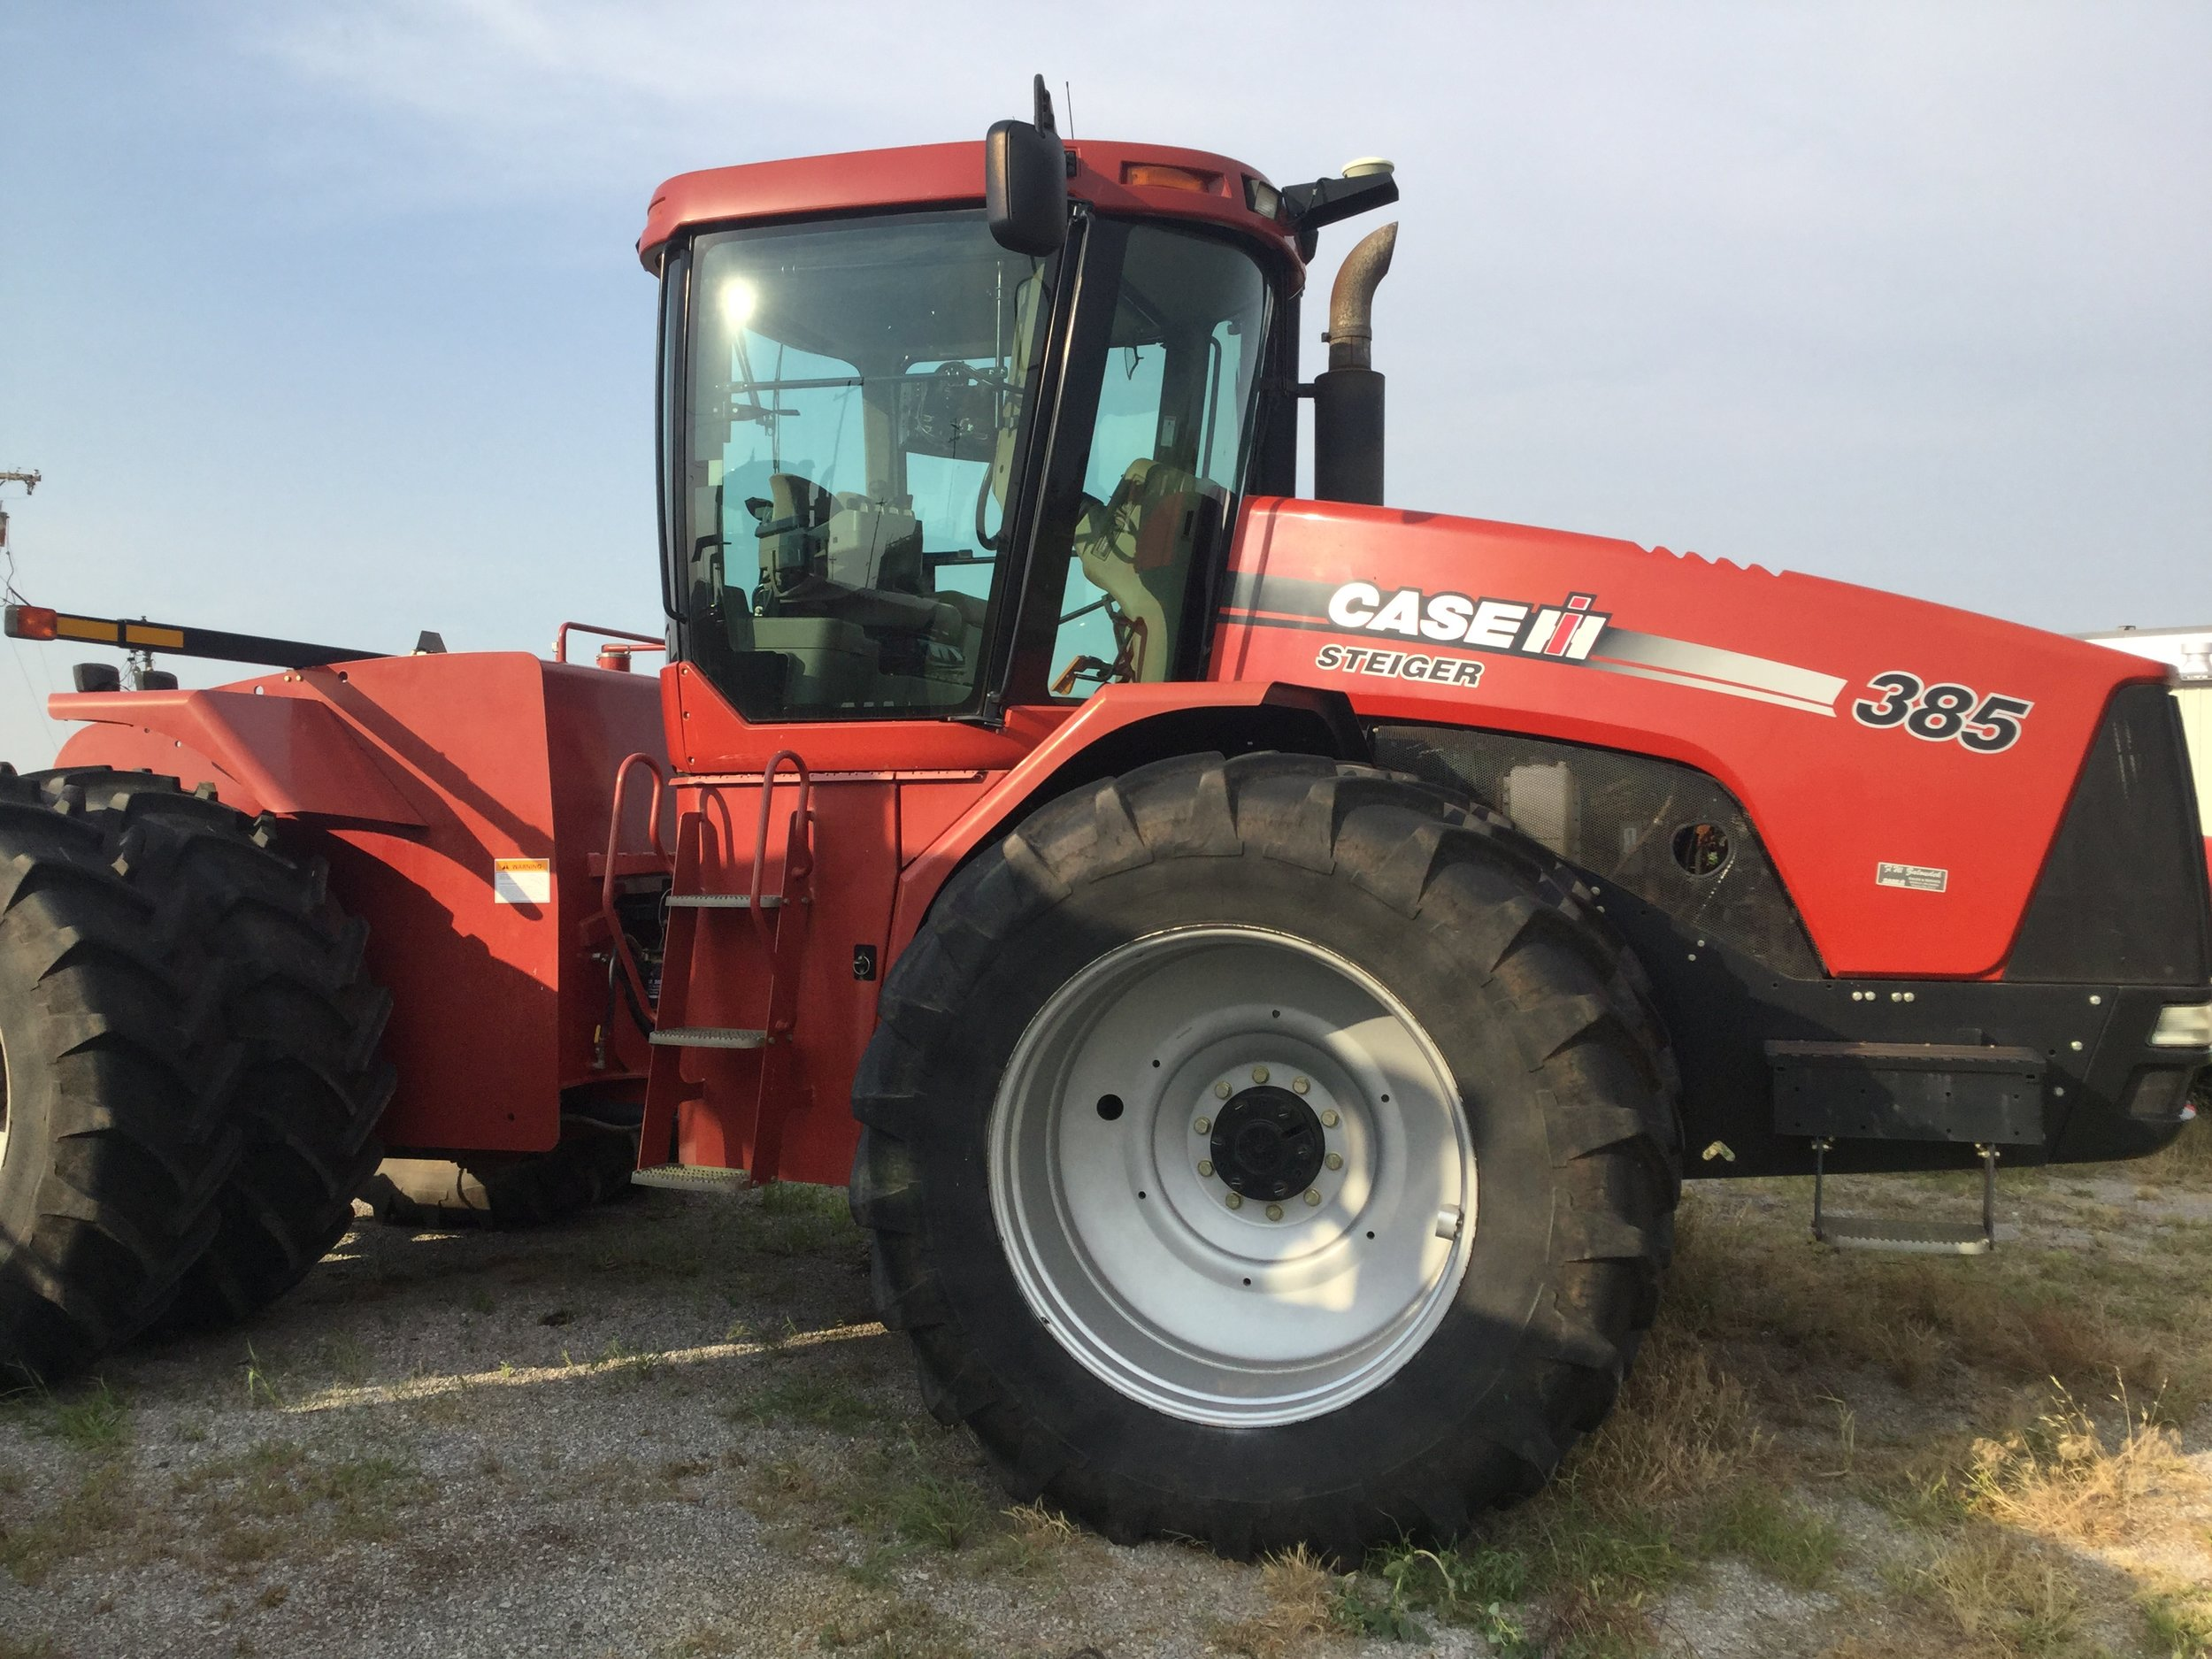 2009 Steiger 385 (3800 hrs) w/steering - $142,500